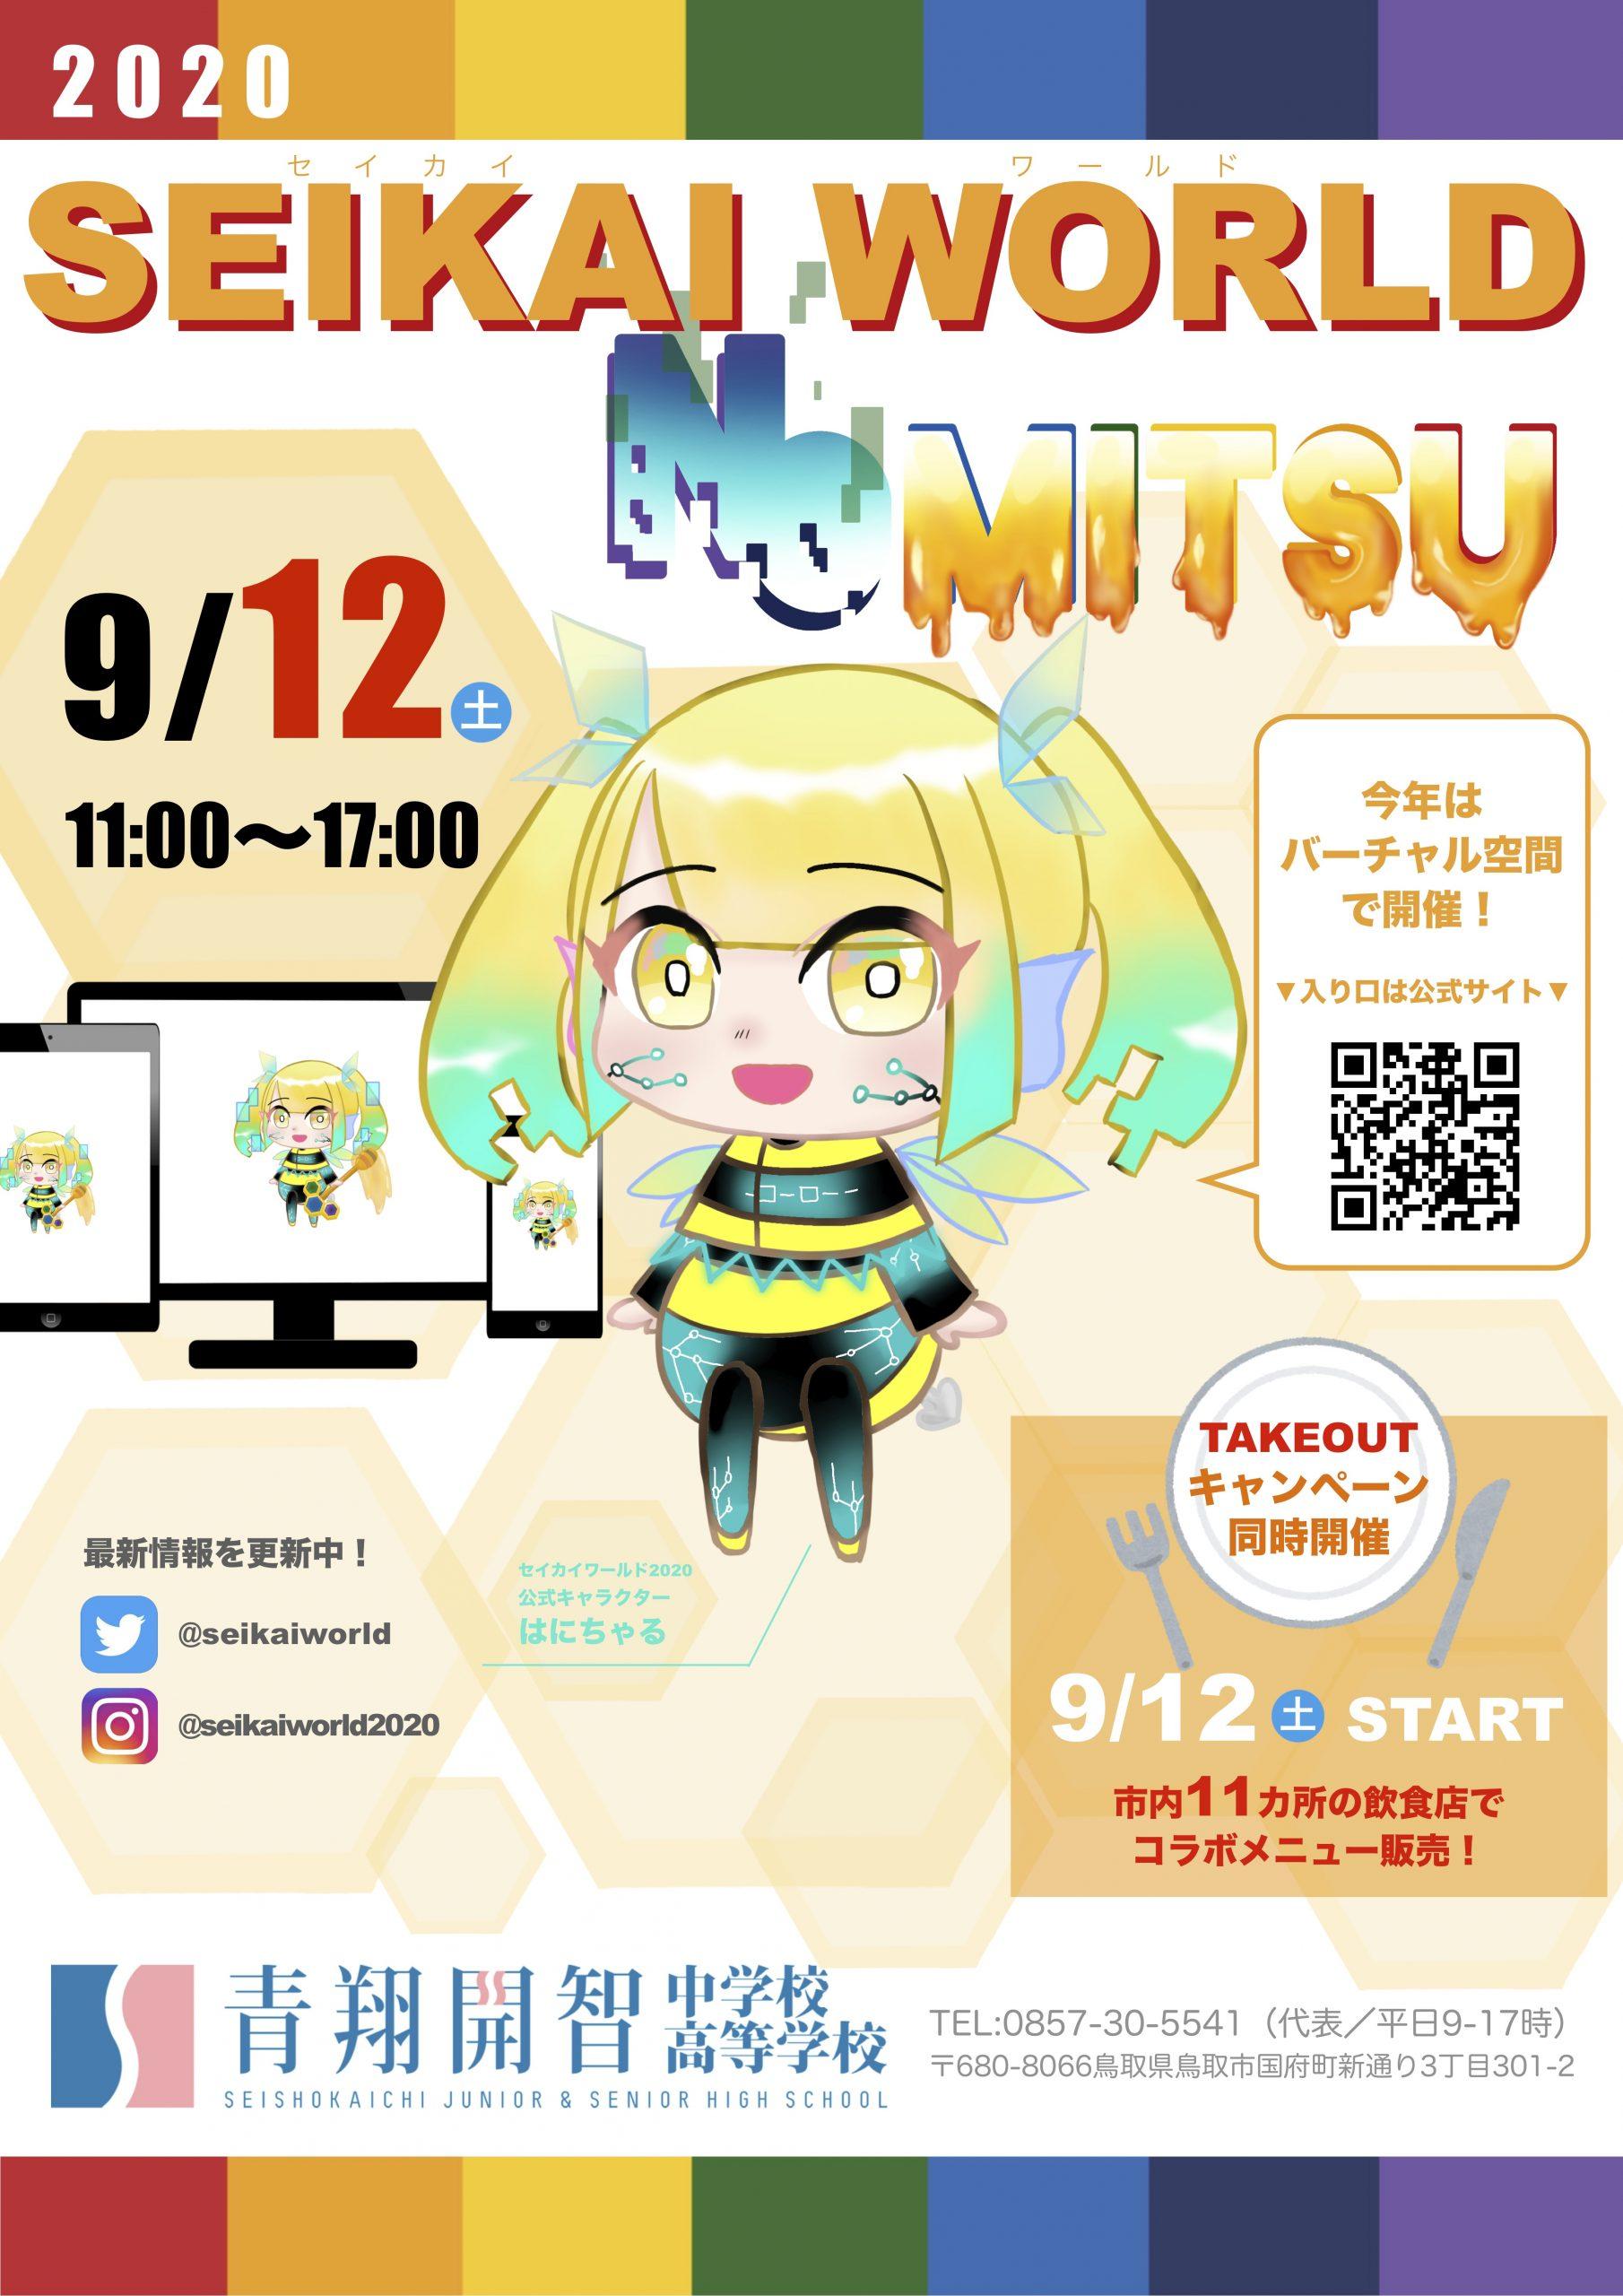 青開世界-セイカイワールド - 2020 NO MITSU